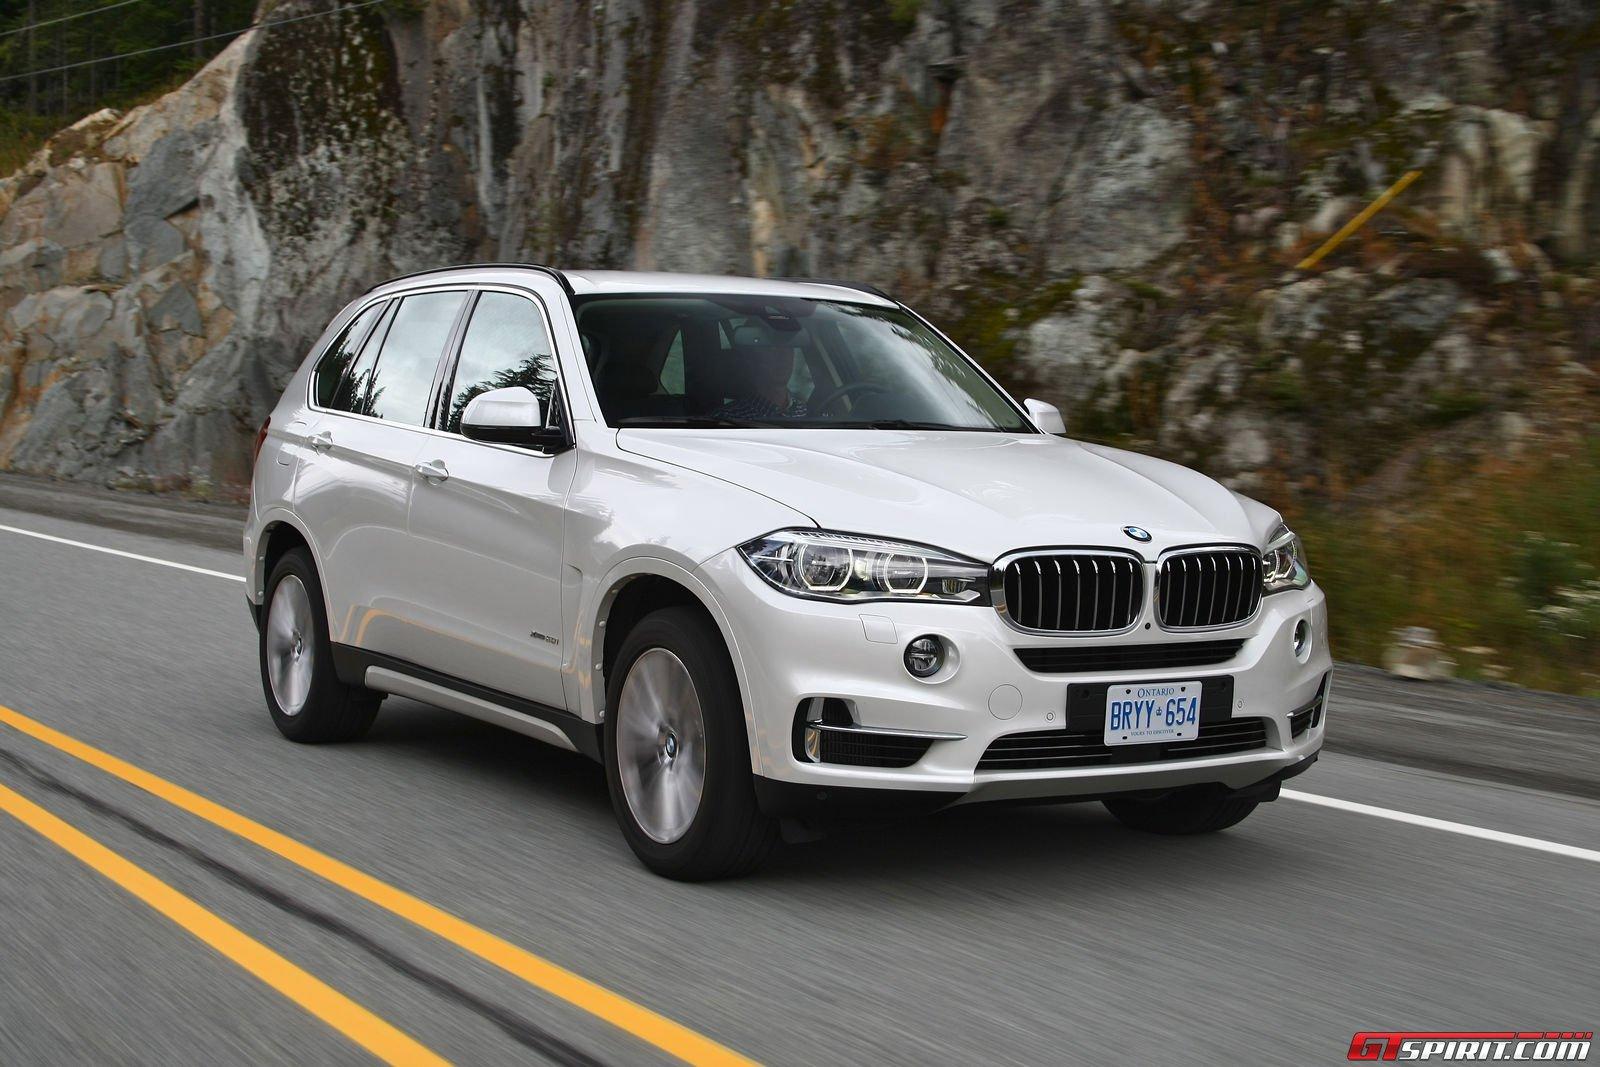 Road Test 2014 BMW X5 XDrive30d Vs XDrive50i